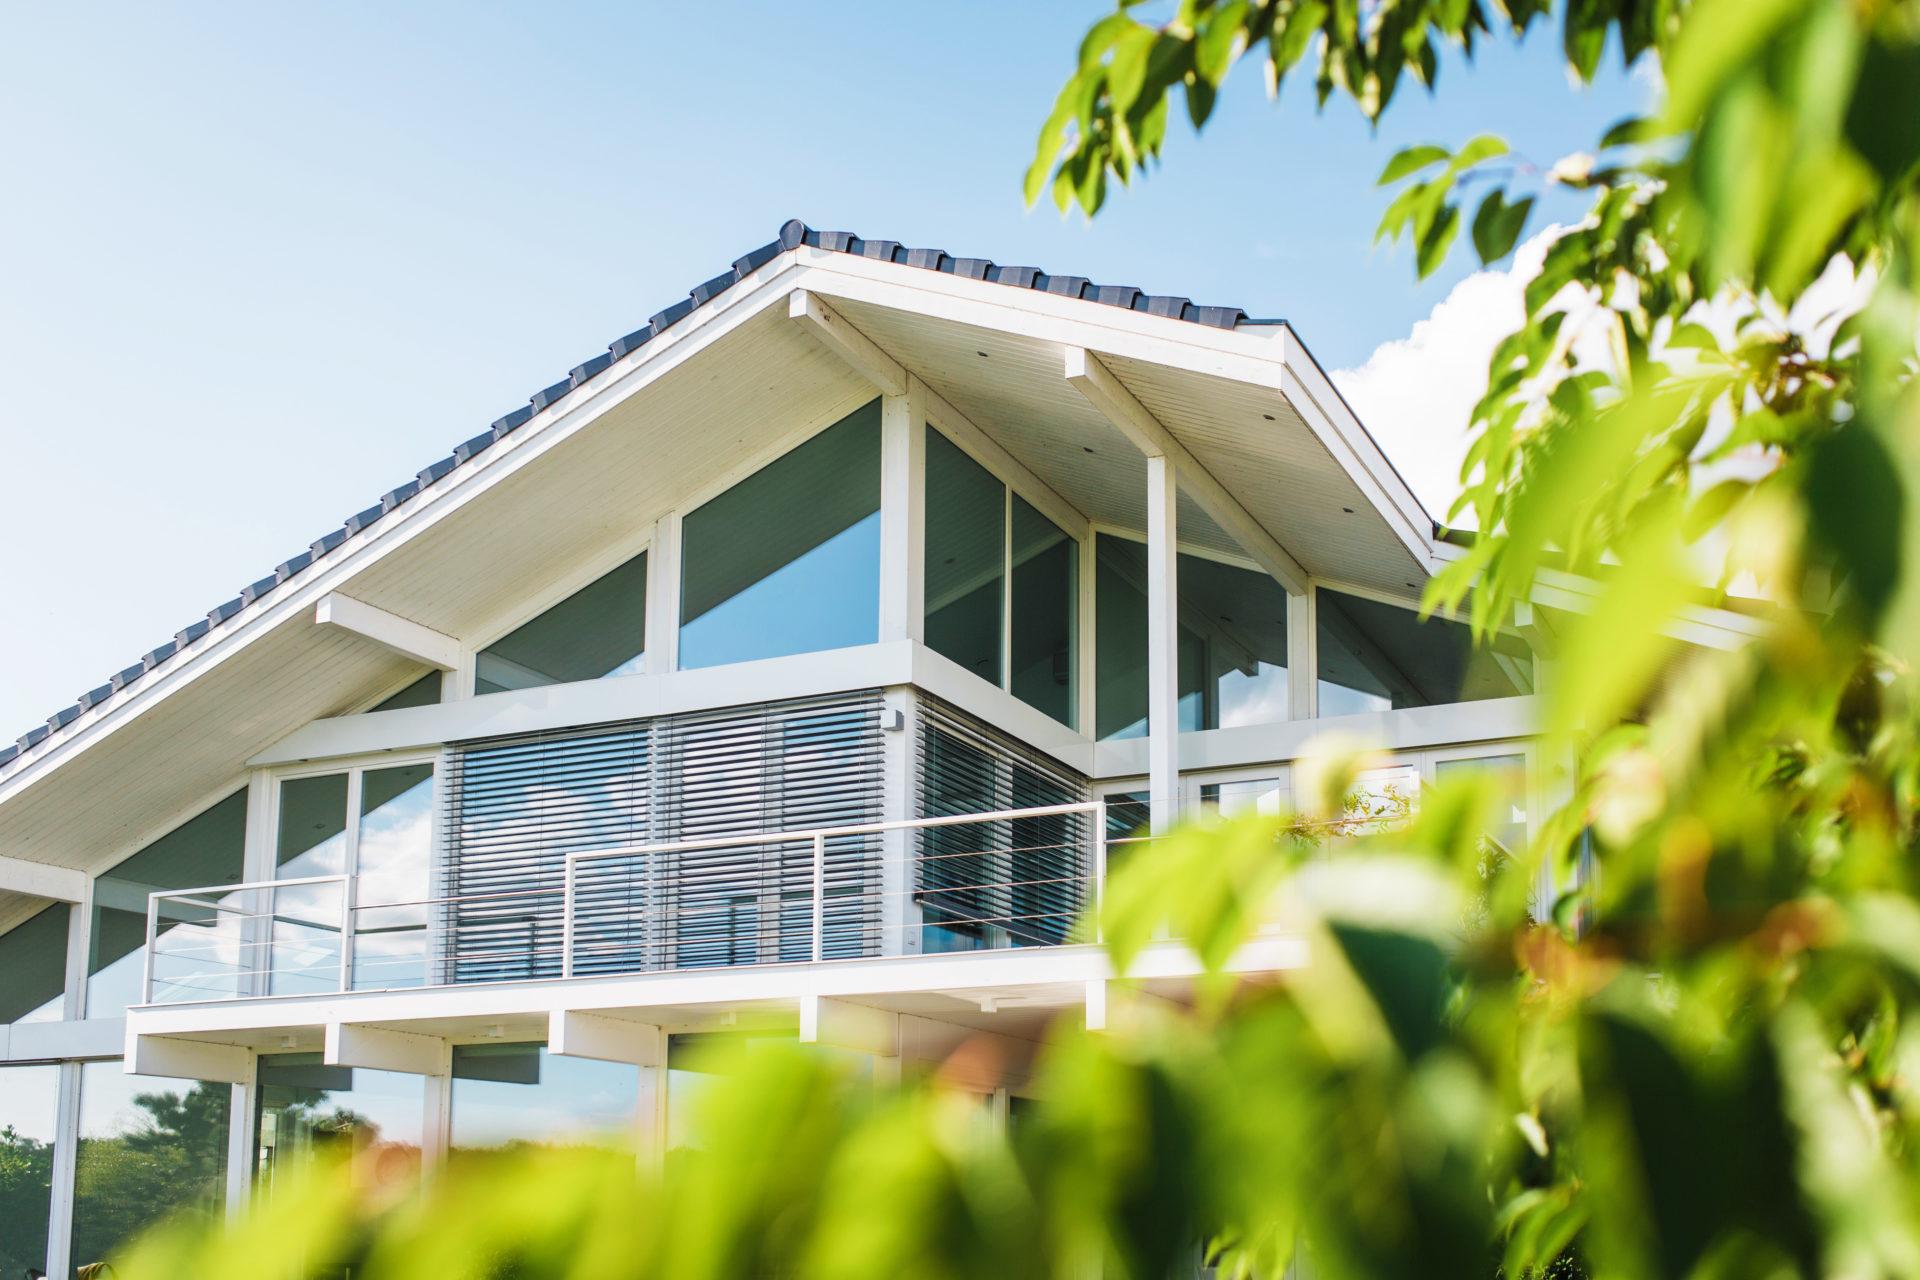 Modernes fachwerkhaus am see gro z gige architektur im for Fachwerkhaus konstruktion